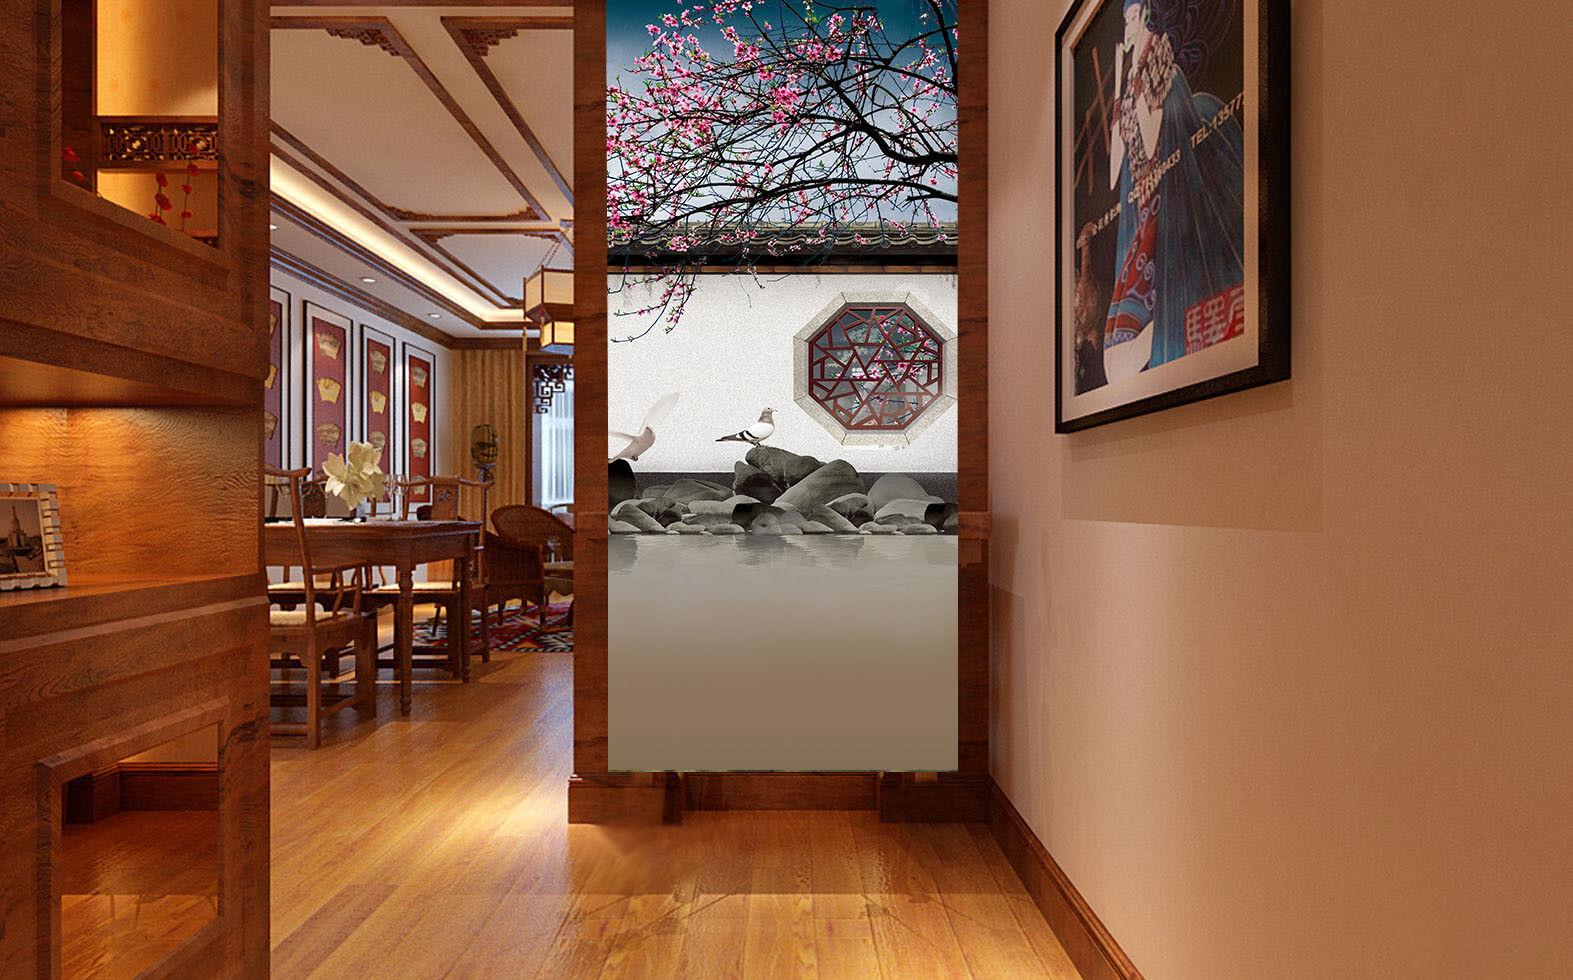 3D Wand Baum Taube 864 Tapete Wandgemälde Tapete Tapeten Bild Familie DE Summer